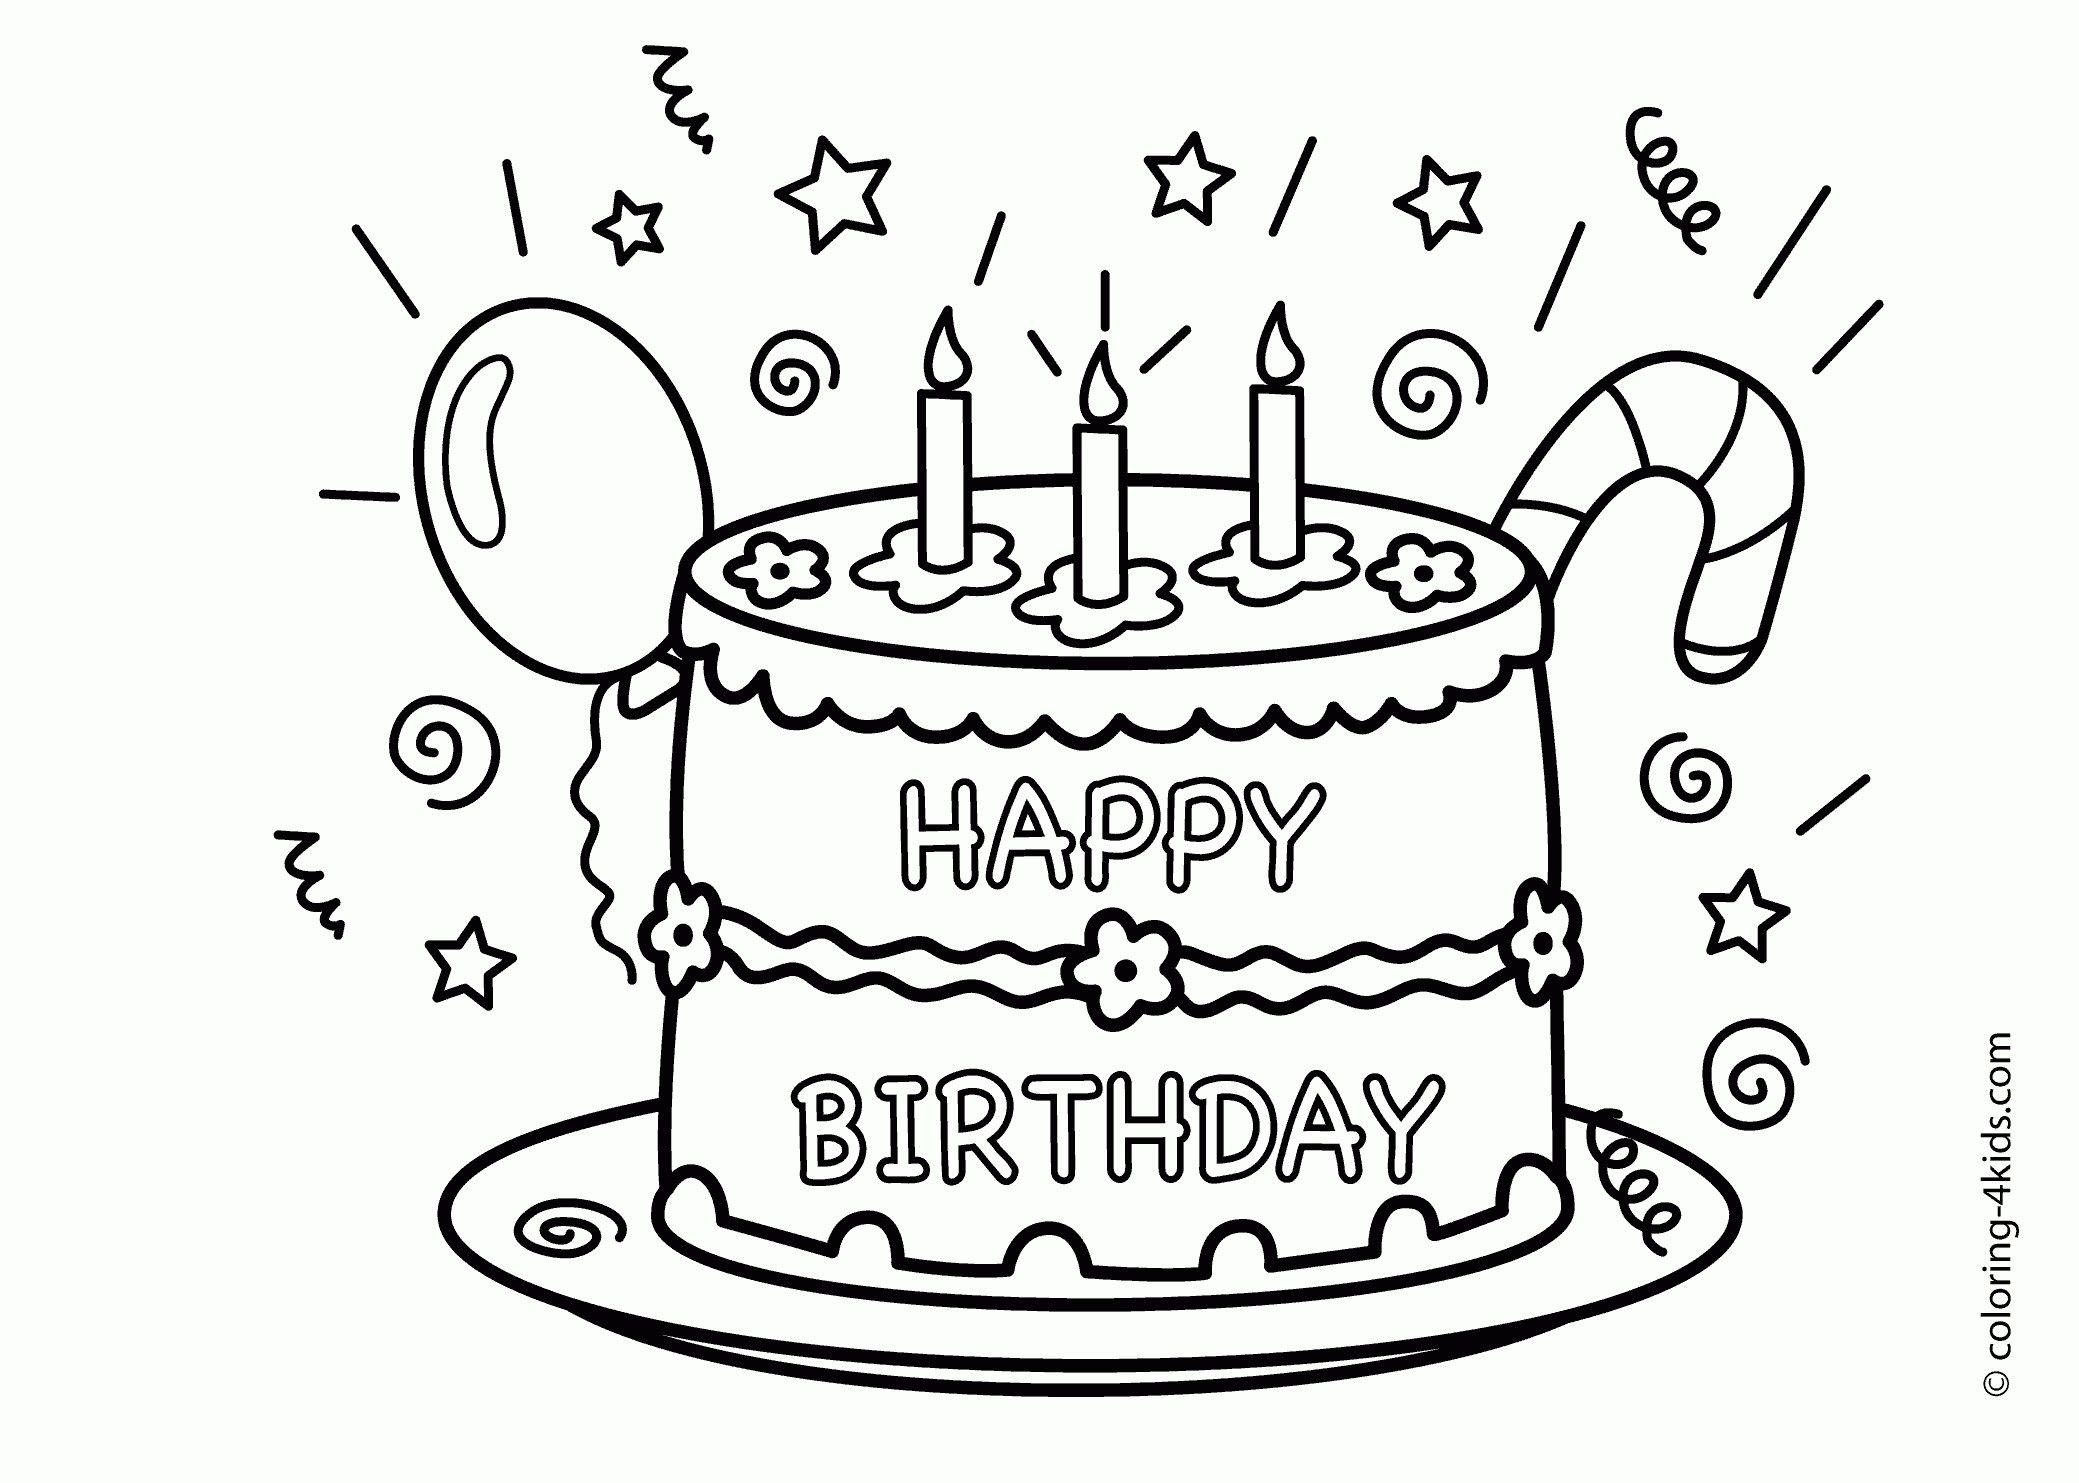 Neu Ausmalbilder Happy Birthday Malvorlagen Malvorlagenfurkinder Malvorlagenfurerwachsene Bilder Zum Ausmalen Geburtstag Malvorlagen Kostenlose Ausmalbilder